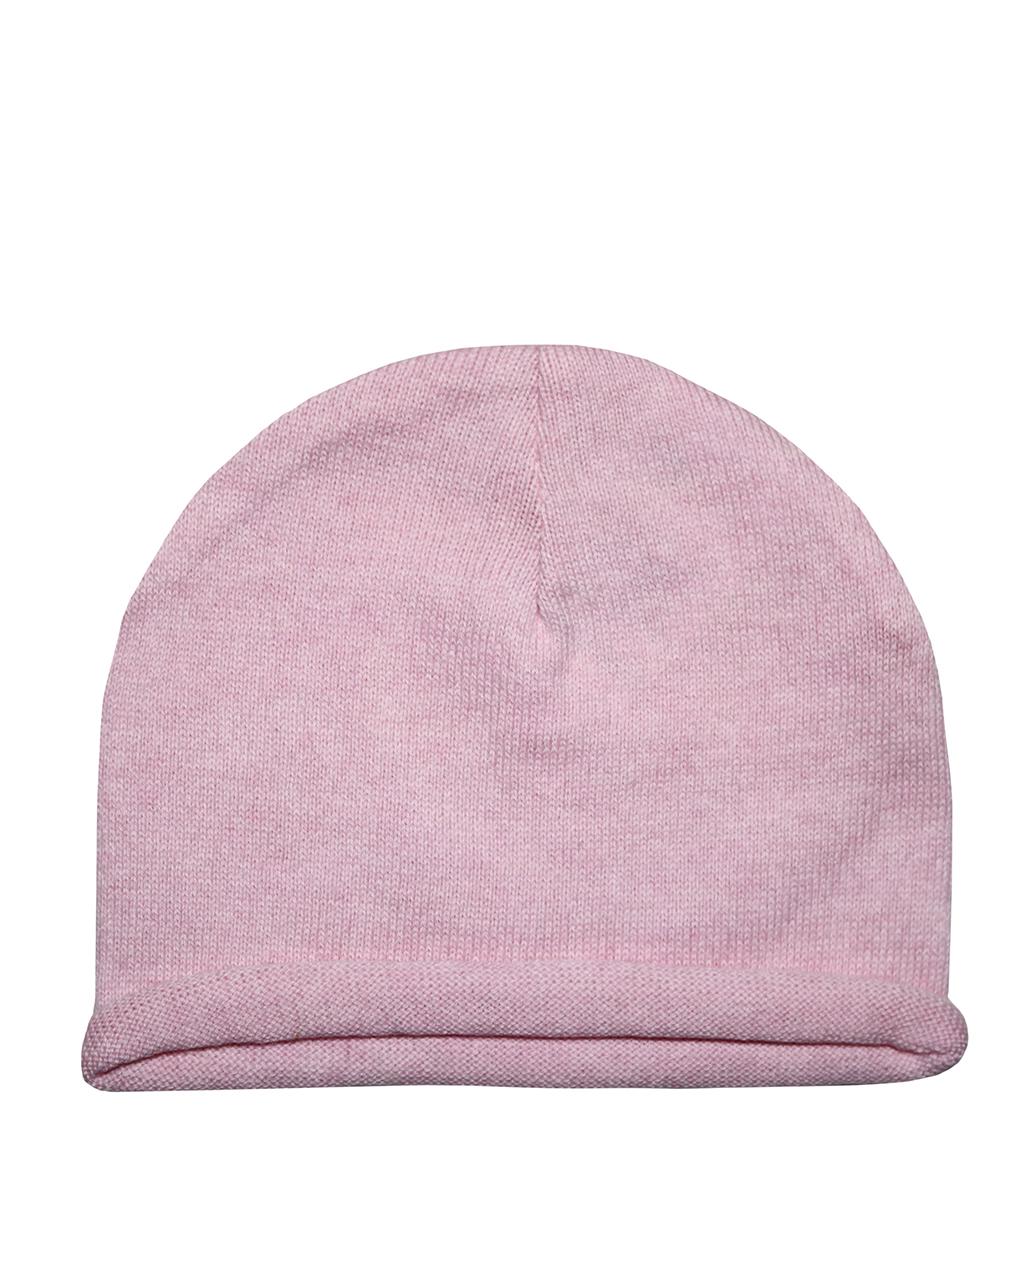 Boné de algodão rosa - Prénatal